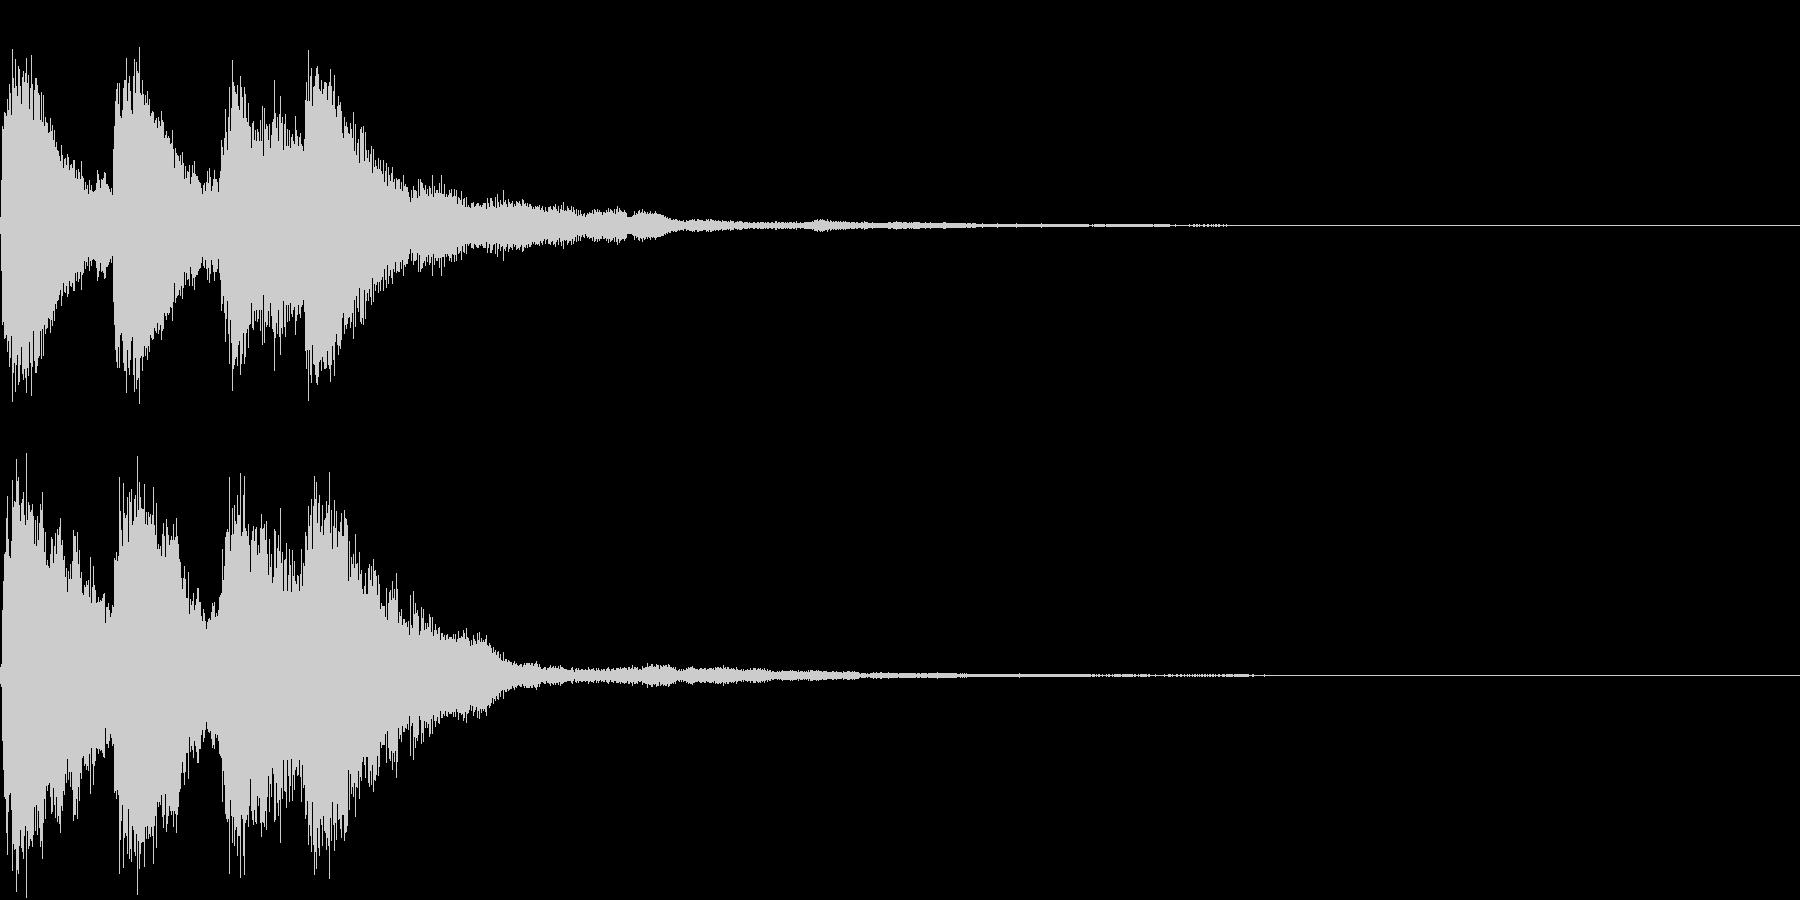 キラキラ 発見 見つける 発明 開始の未再生の波形